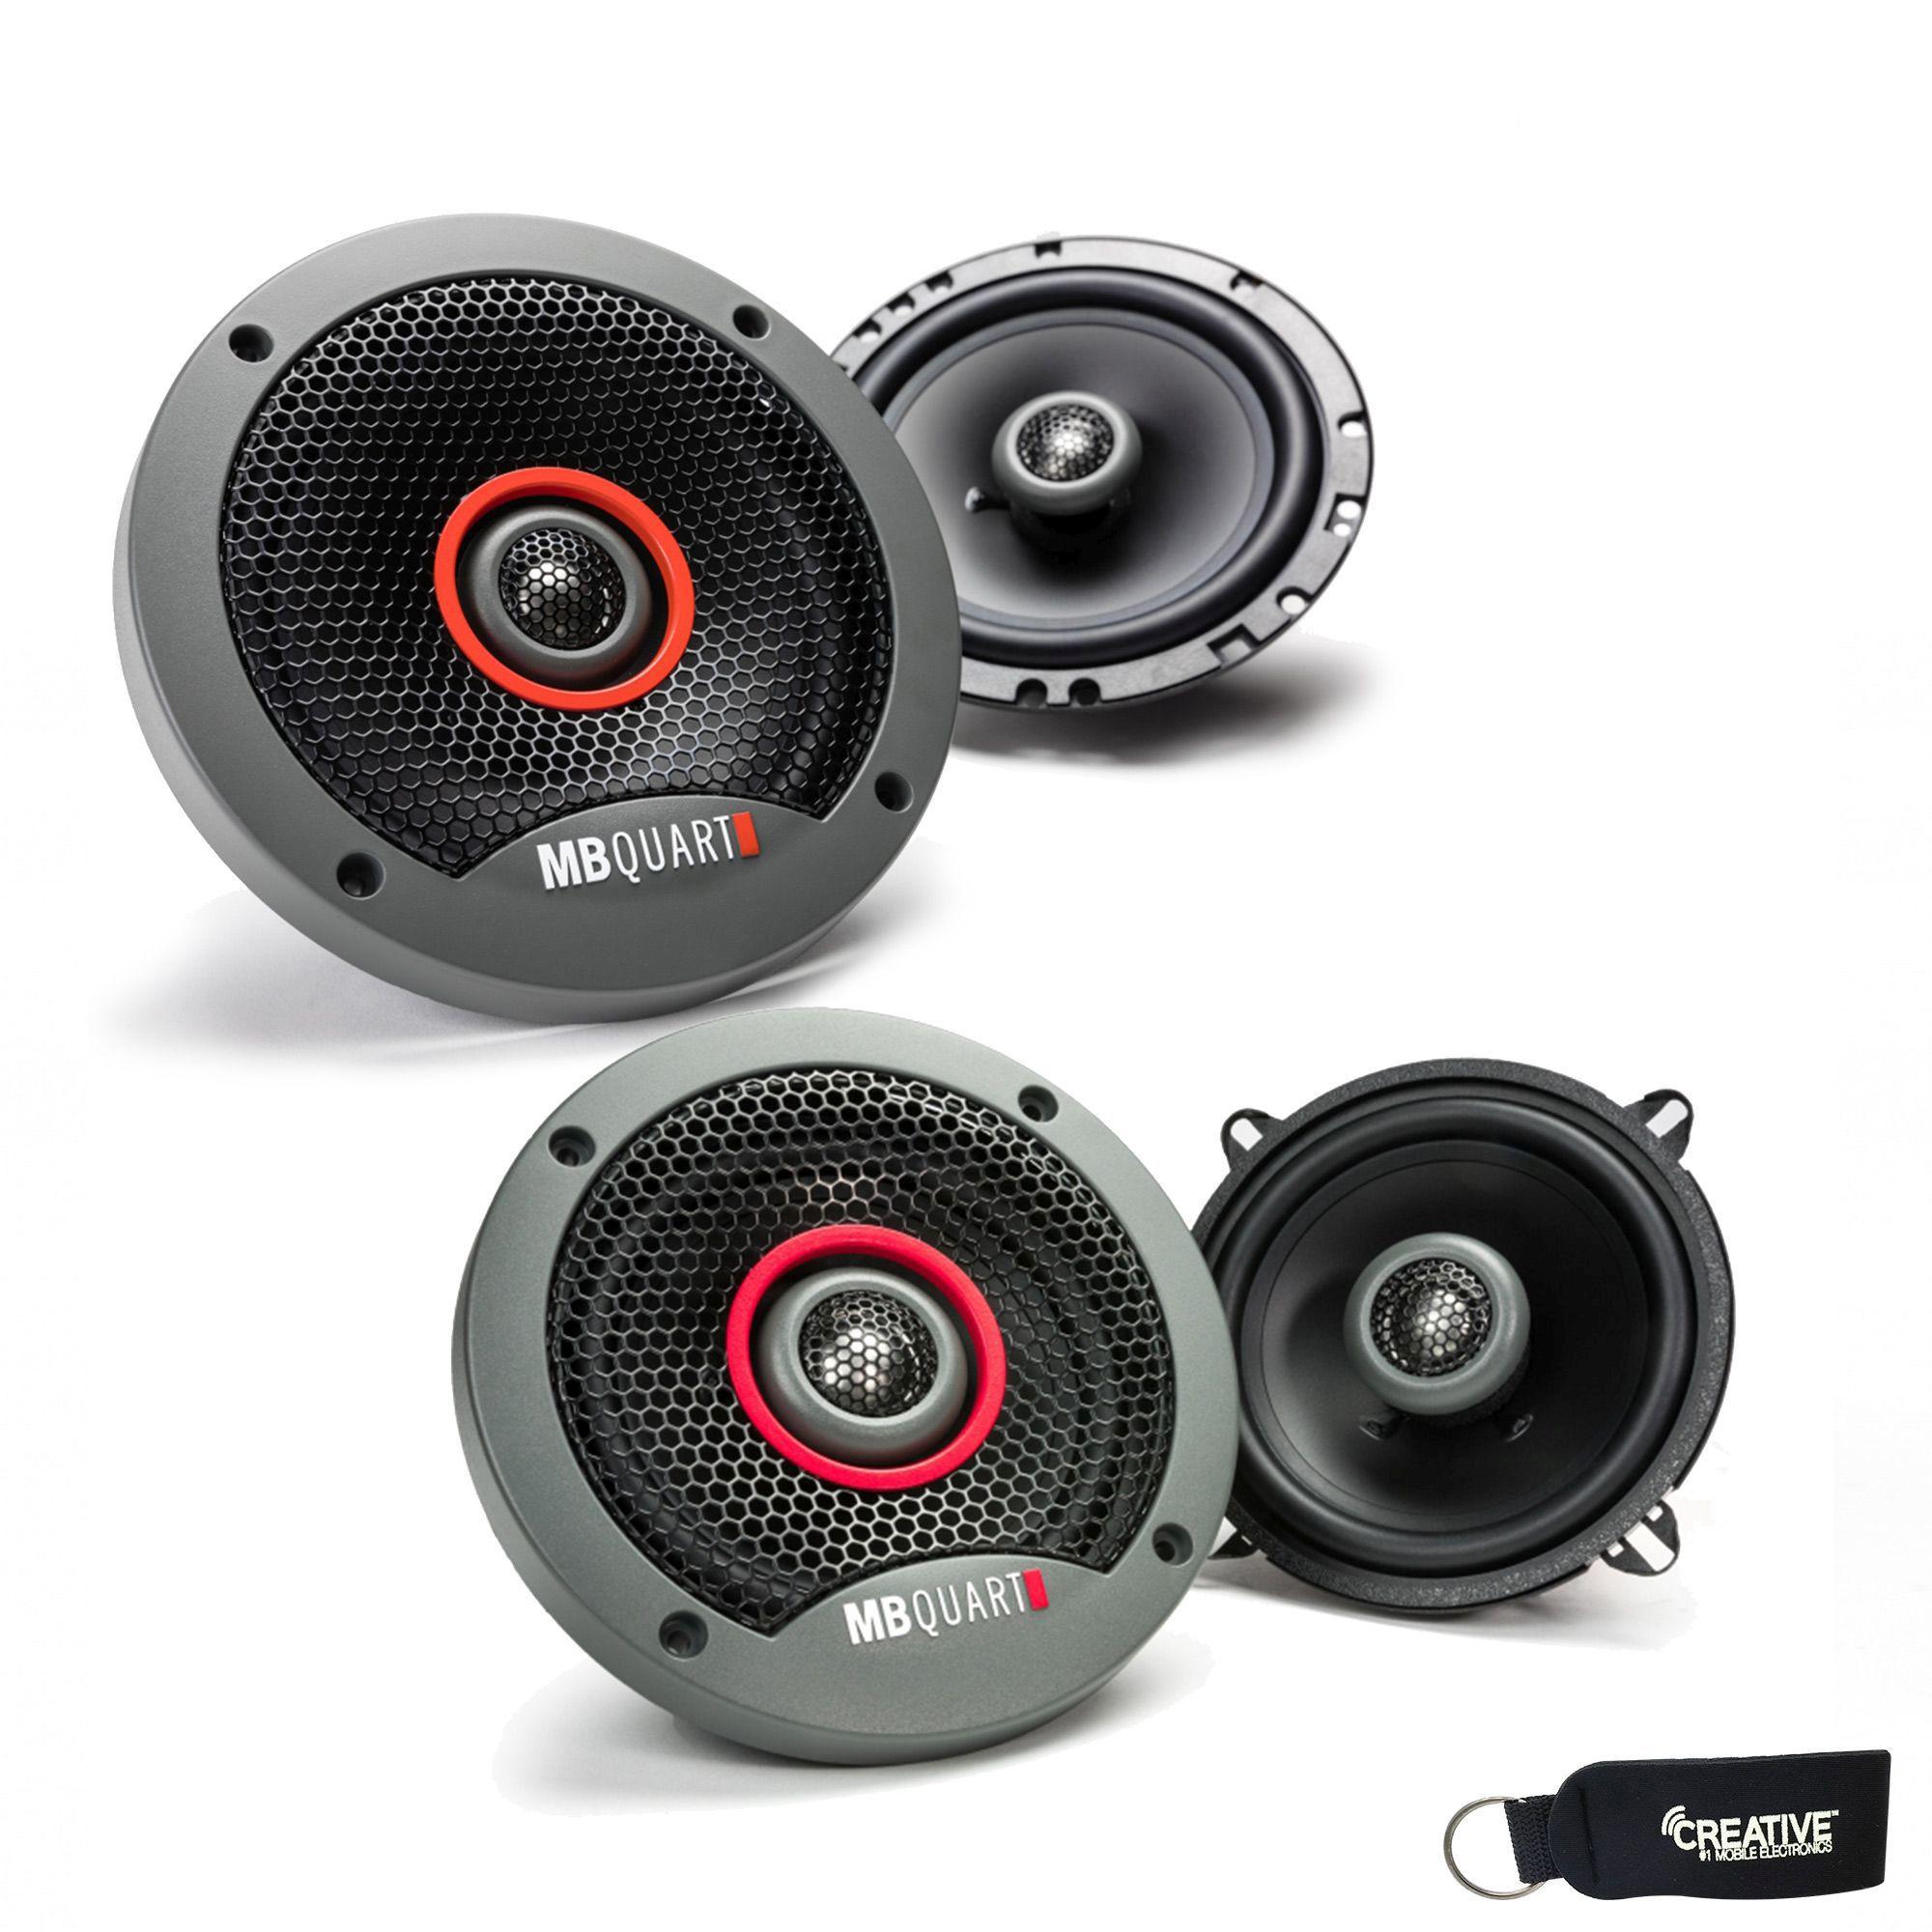 """MB Quart - Pair Of Formula FKB116 6.5"""" Coaxial Speakers And A Pair Of Formula 5.25"""" Speakers FKB113"""